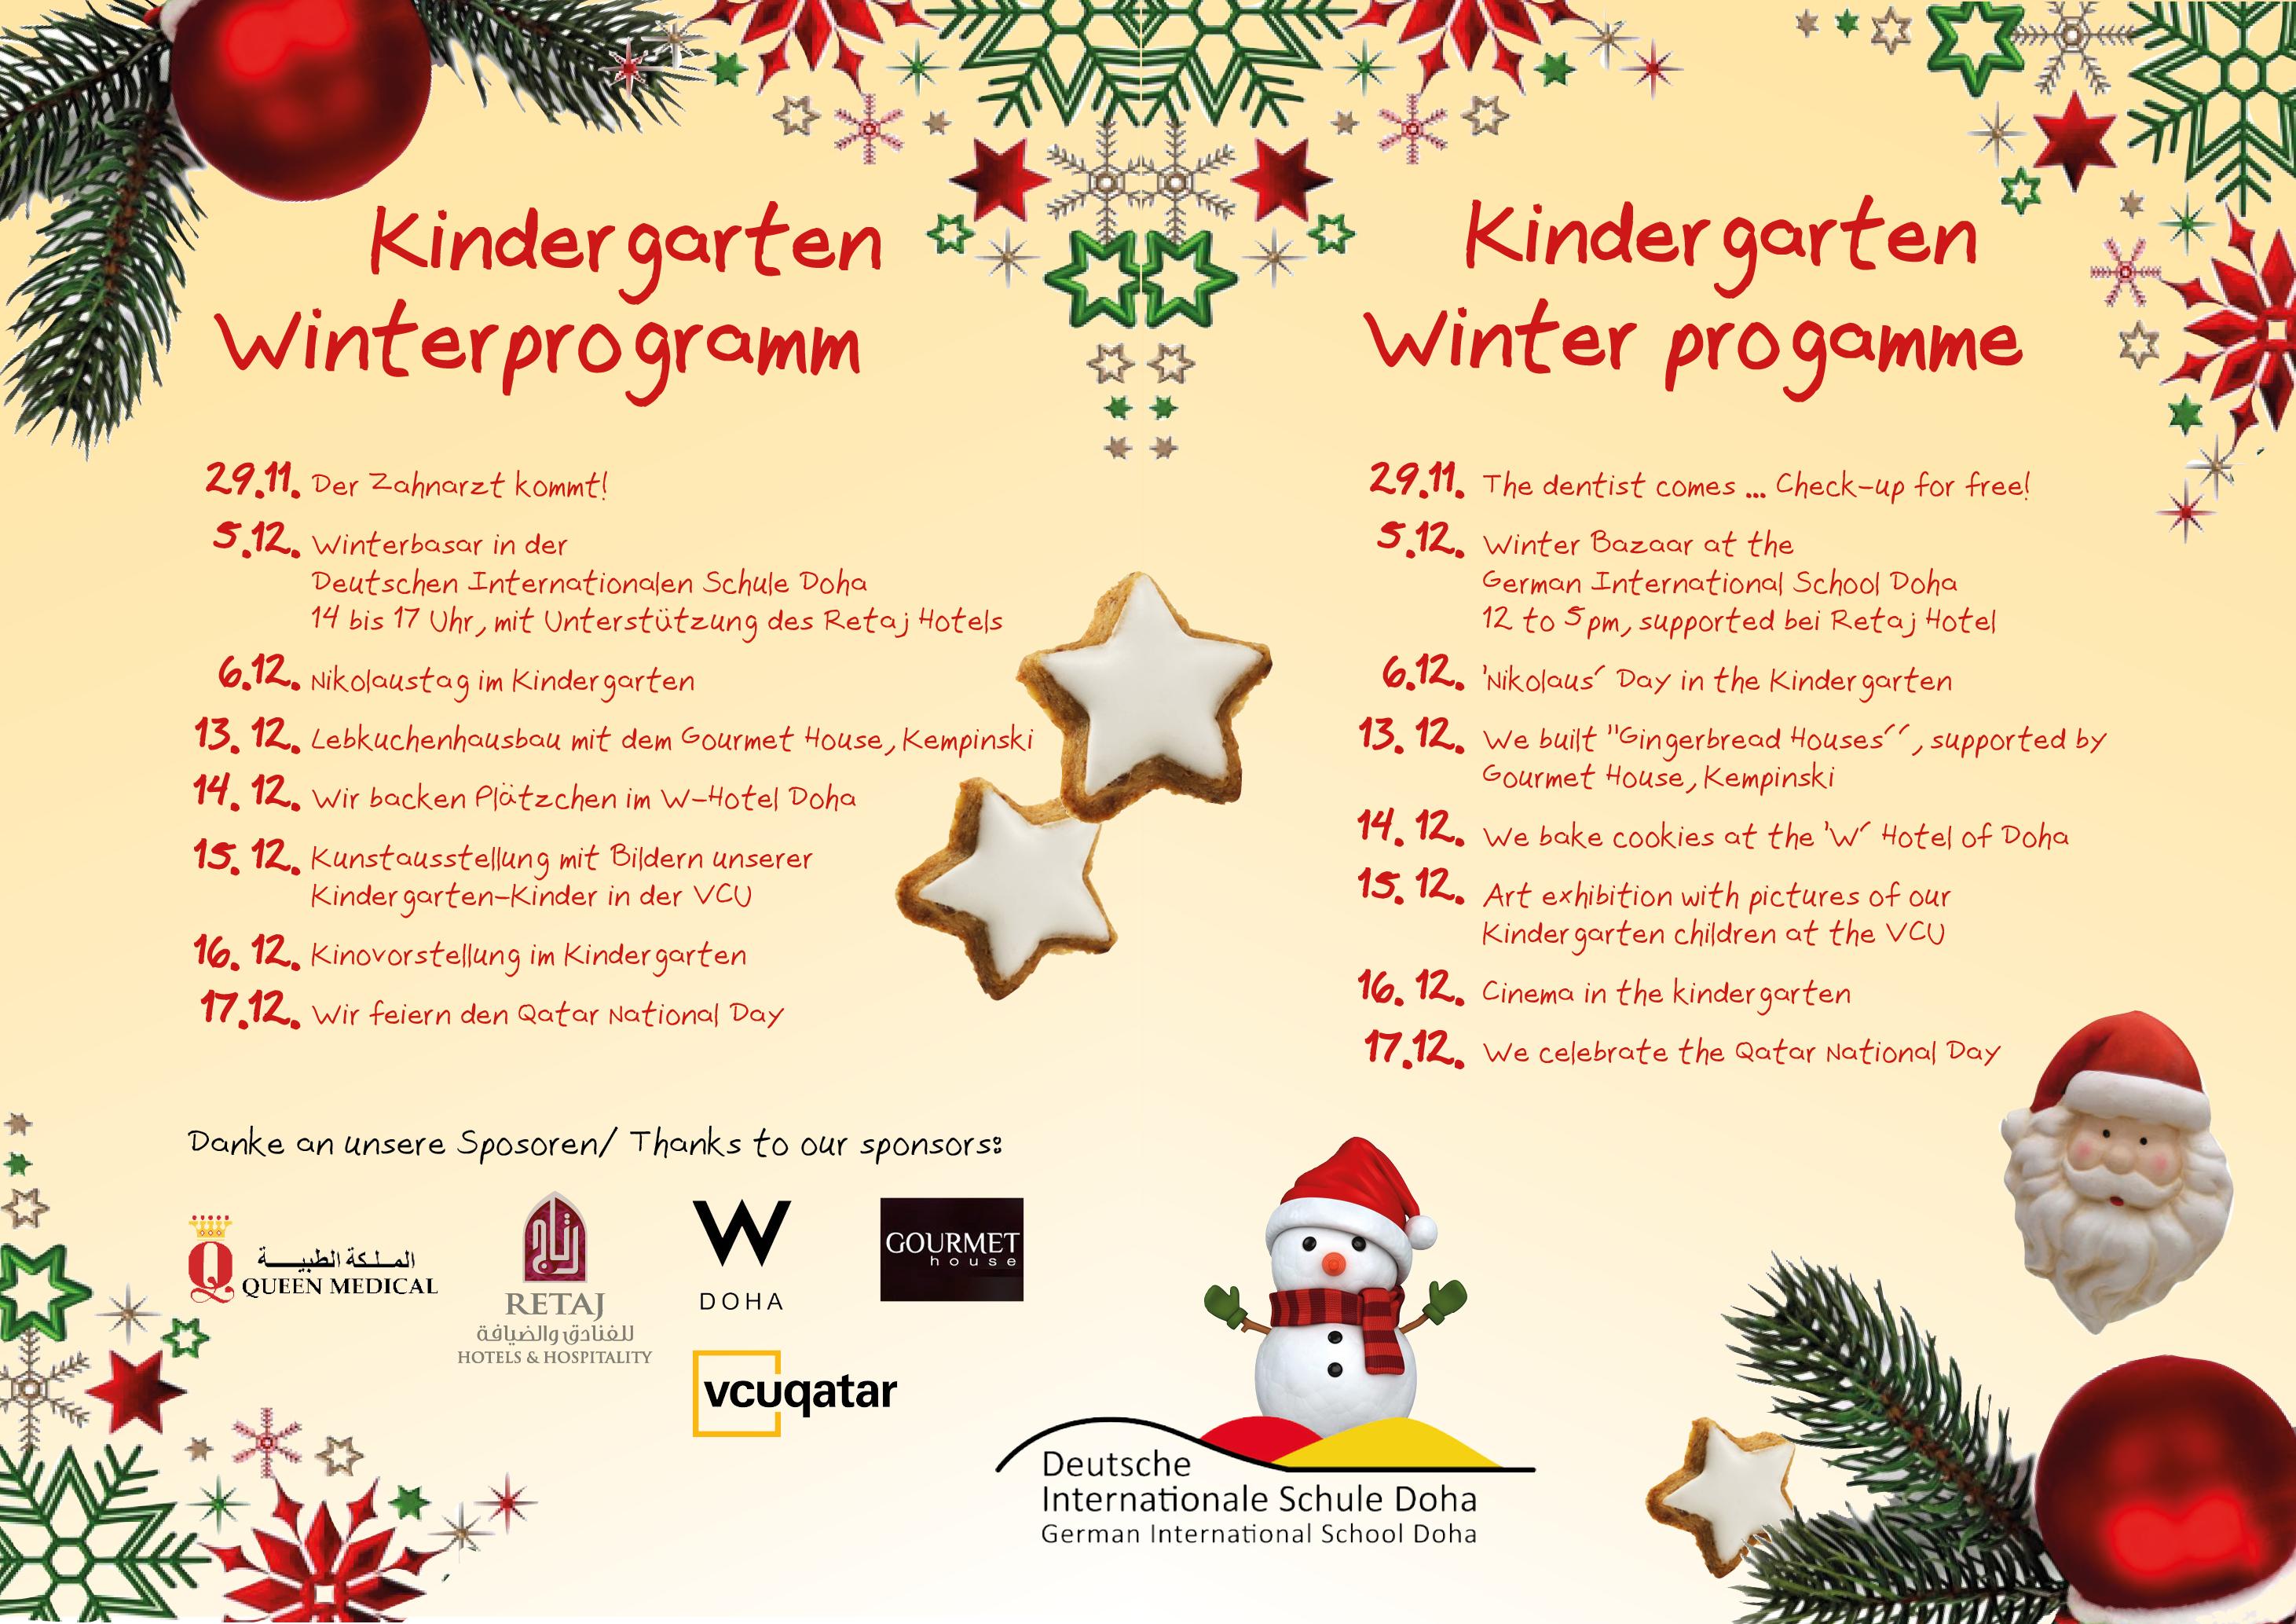 Weihnachtsplätzchen International.The Winter Programme In The Kindergarten Of The German International